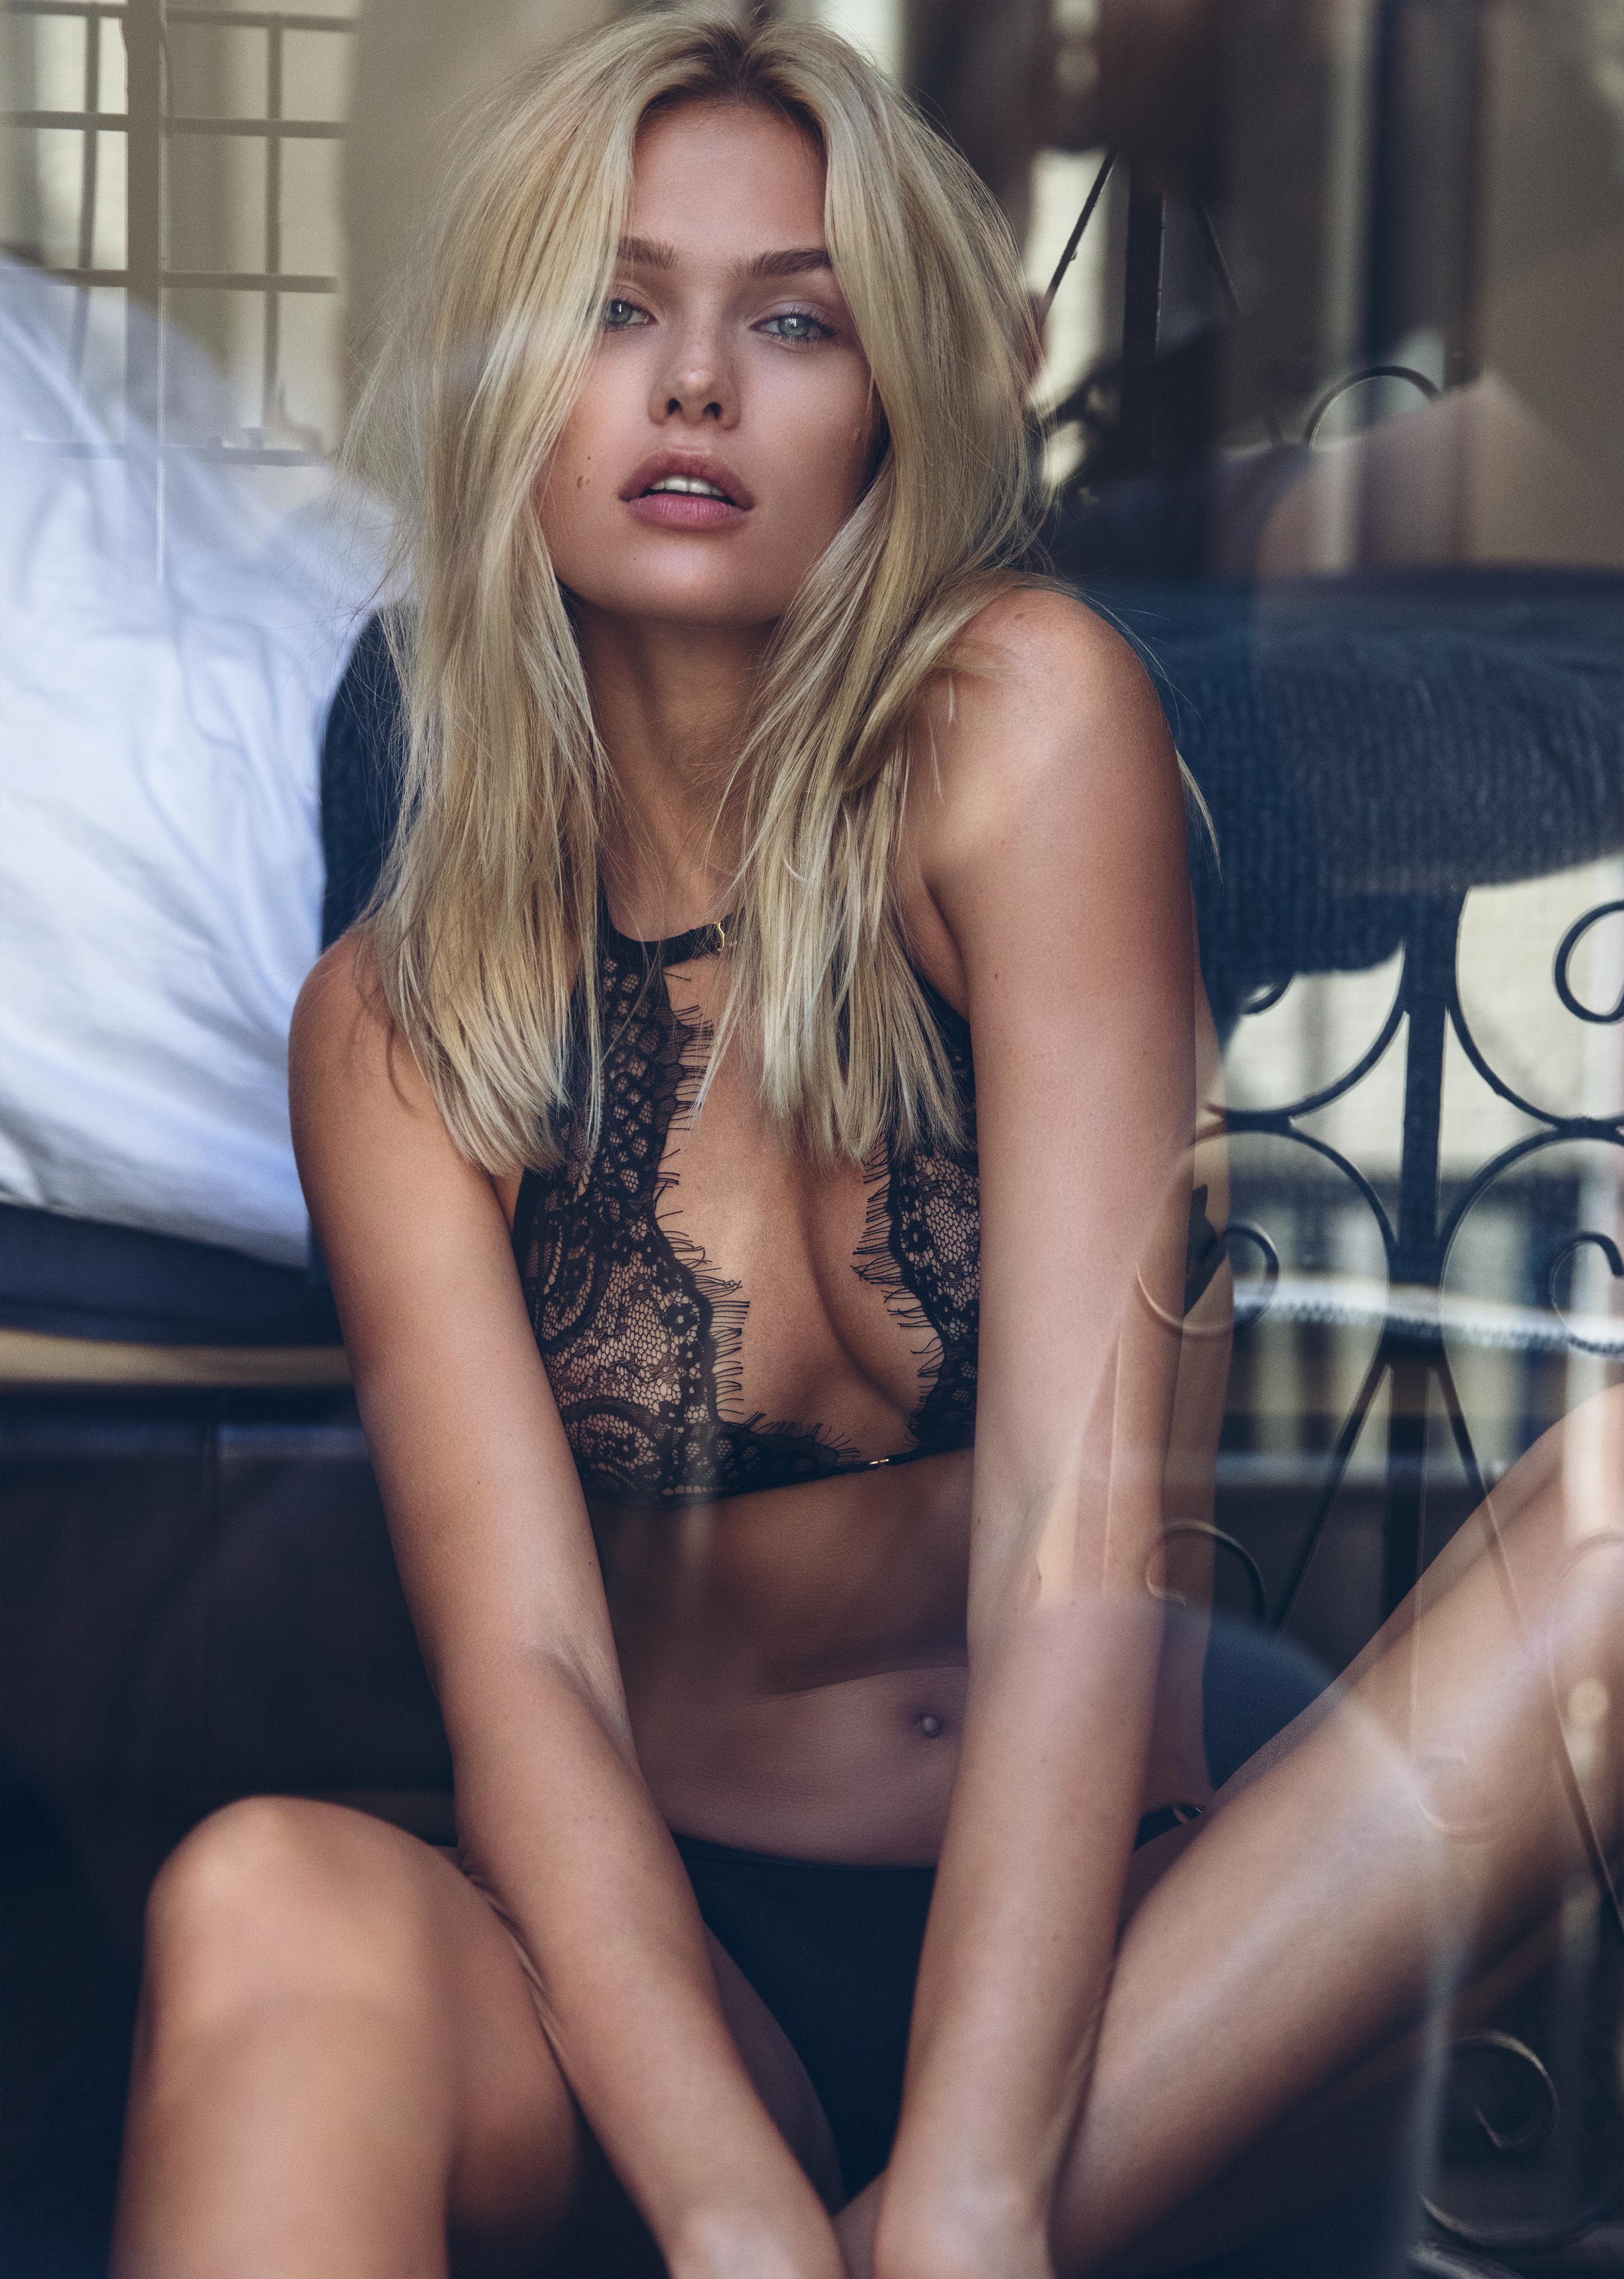 Boobs Emily Meade nude photos 2019